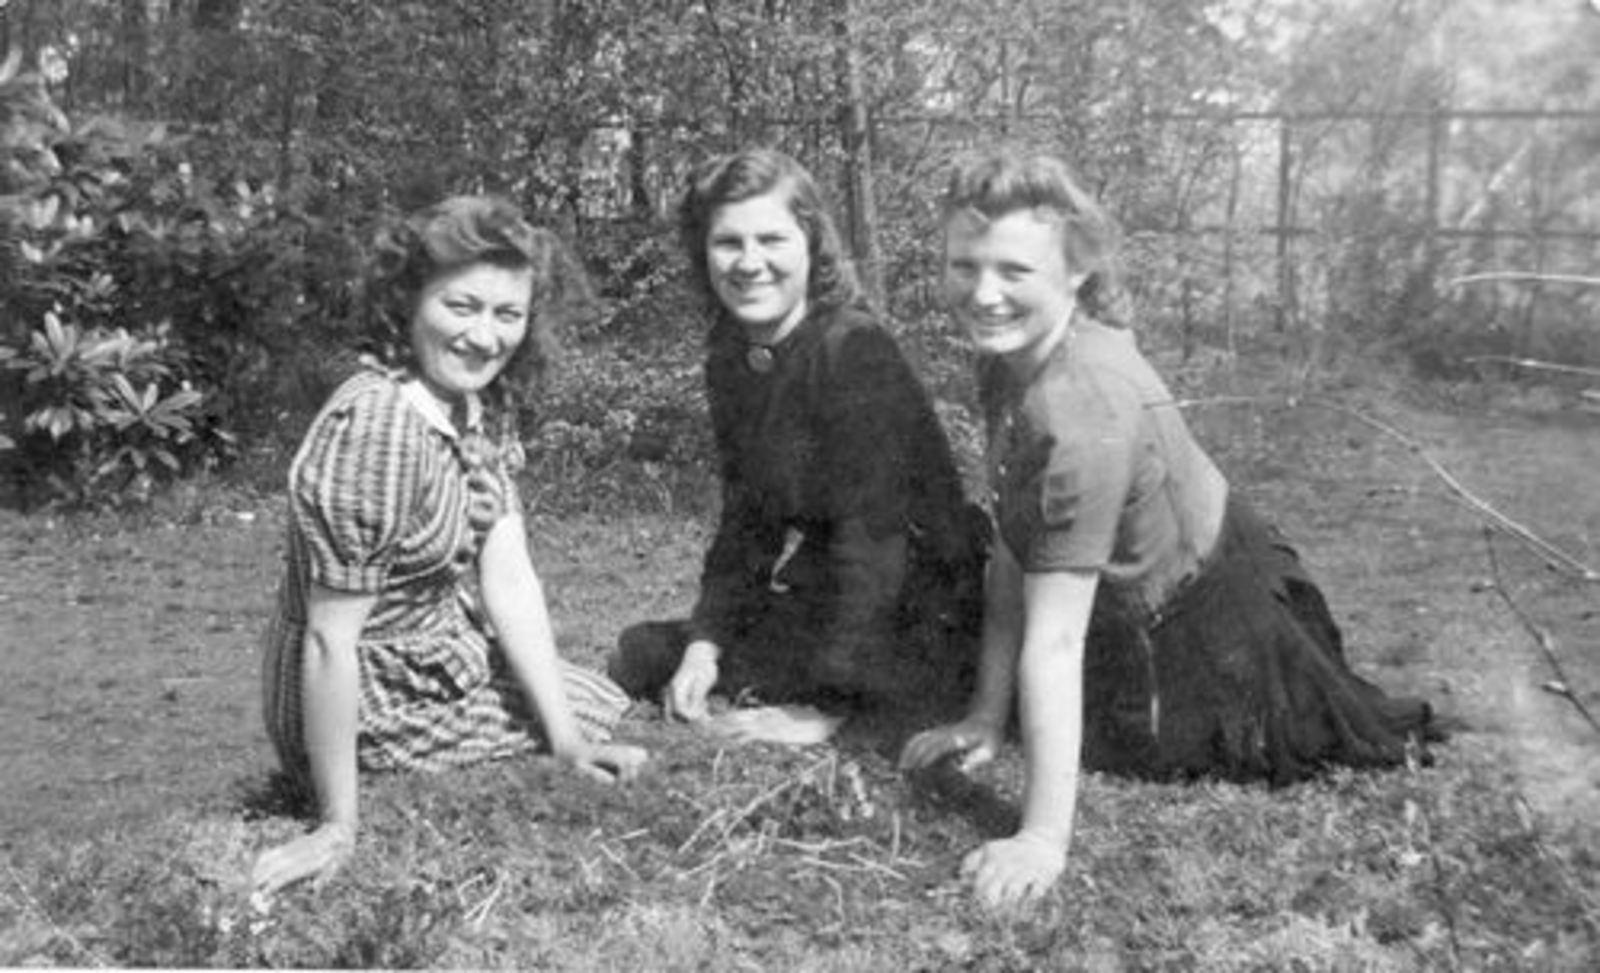 Bliek Jannie 1927 19__ buiten met Gre en Tinie Onbekend